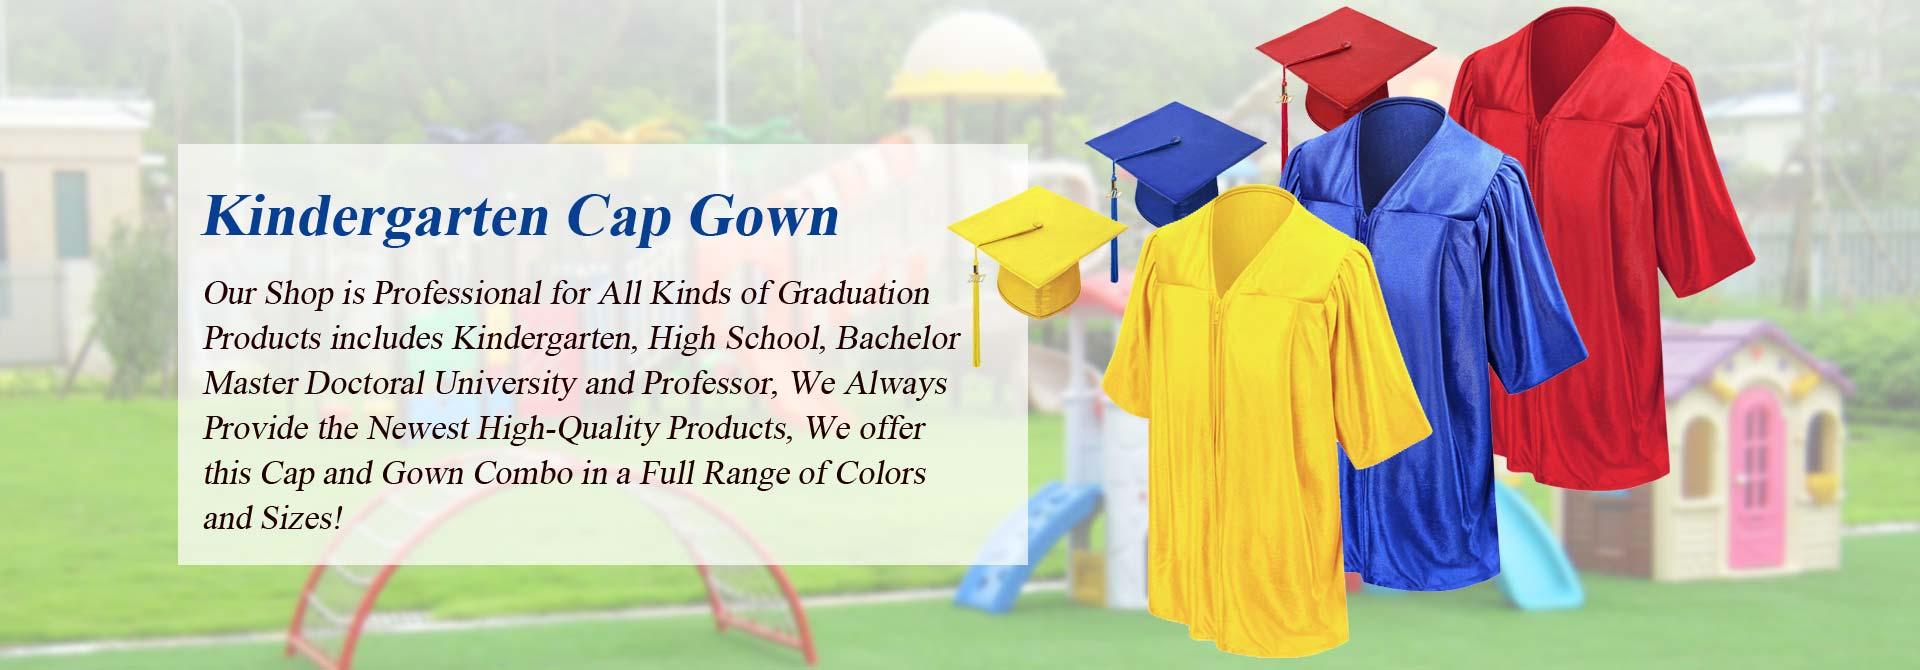 kindergarten cap gown